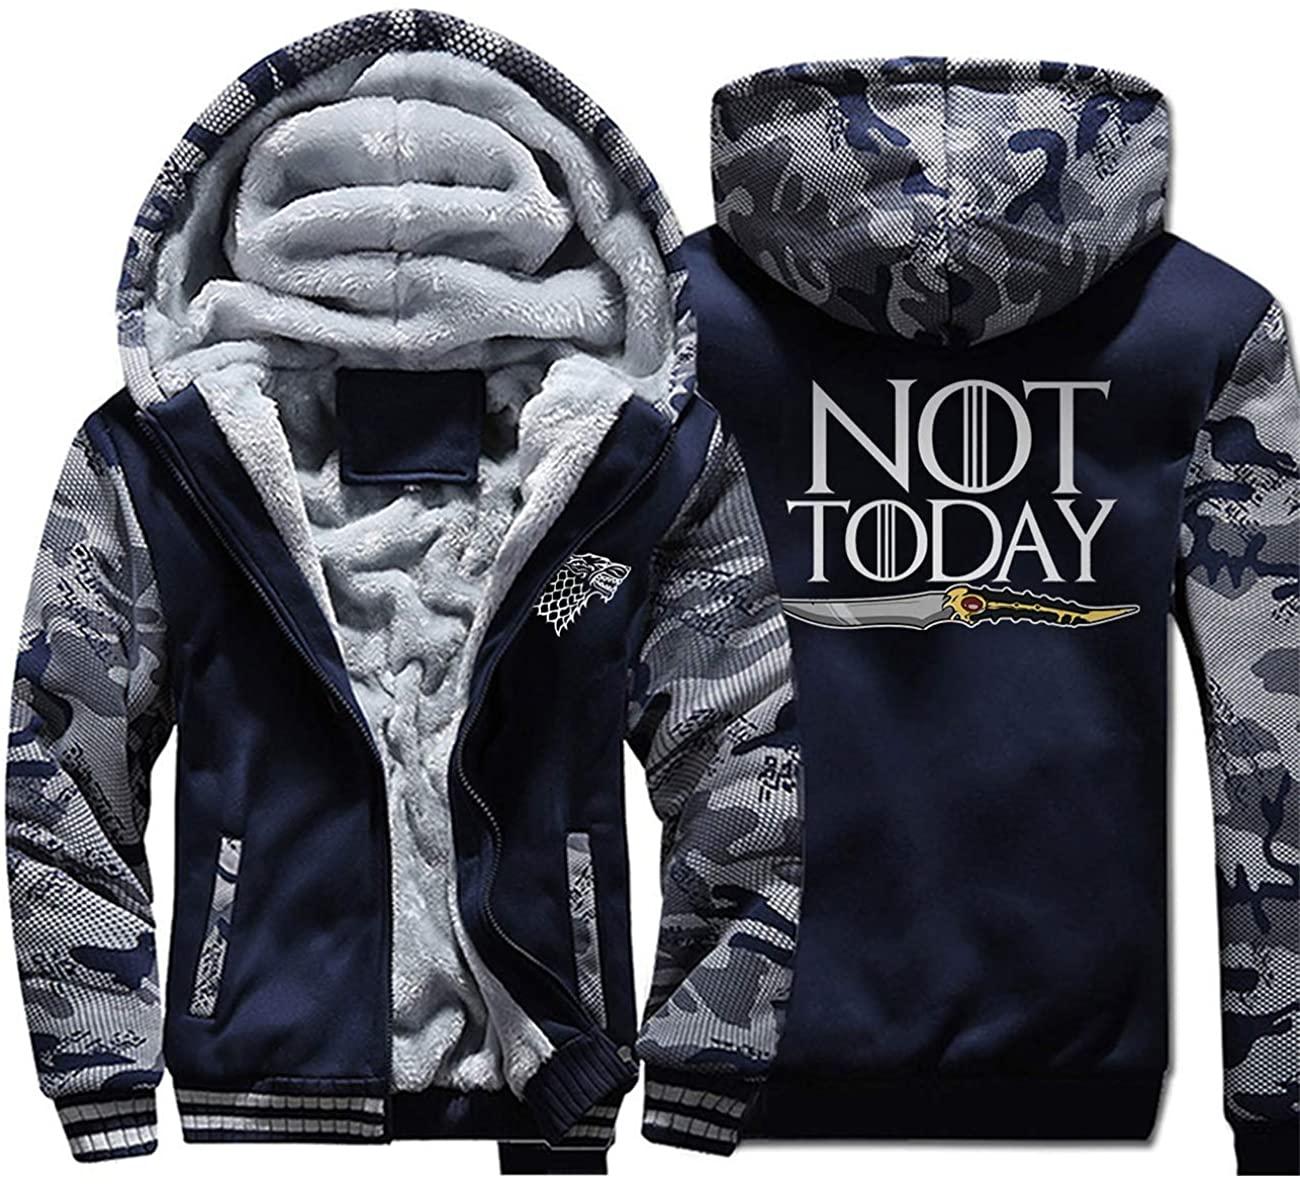 Fashion-zone Men's Winter Thicken Fleece Sherpa Lined Hoodie Sweatshirt Jacket with Zipper Pockets